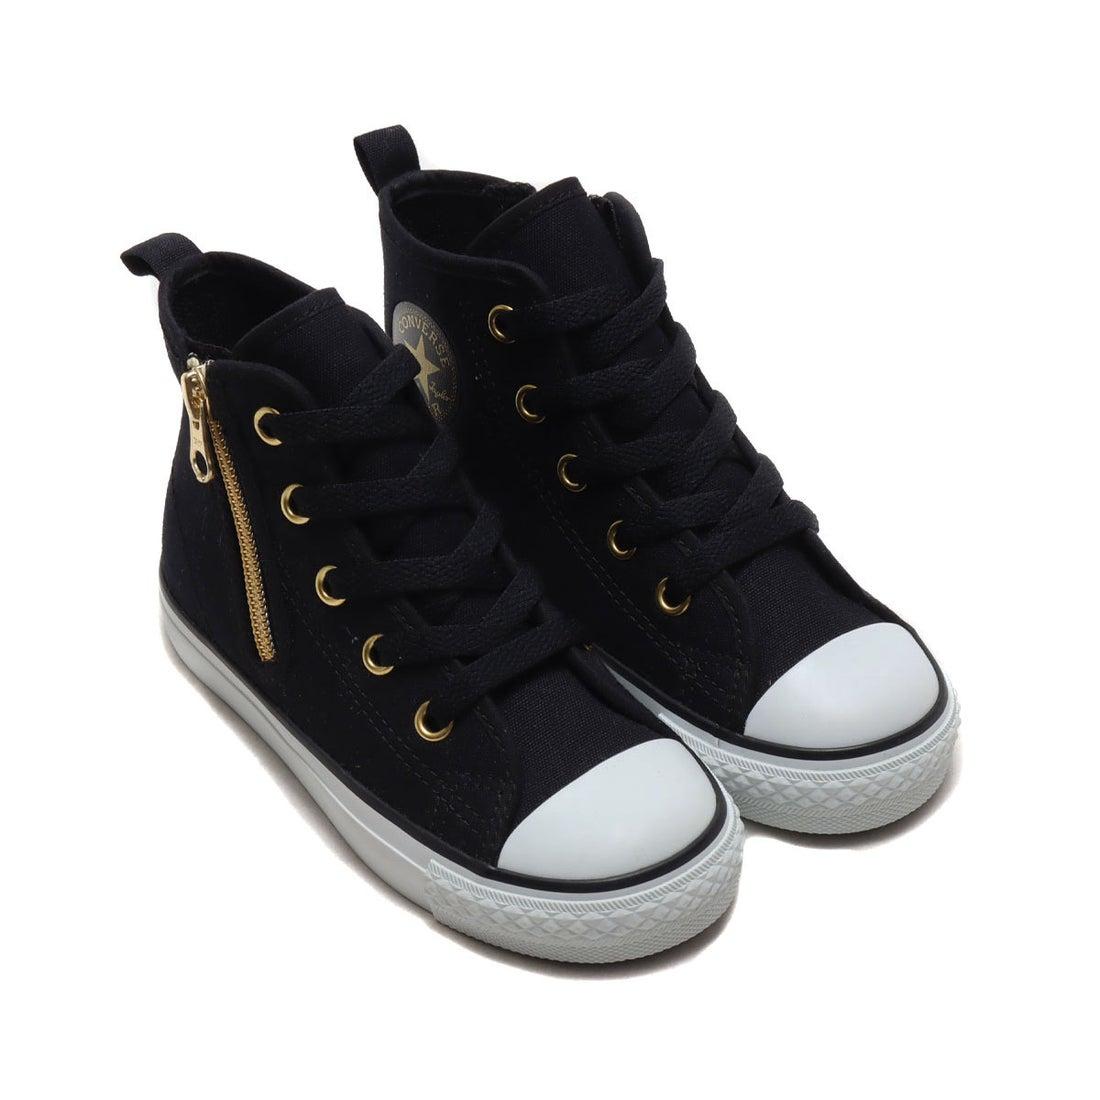 ロコンド 靴とファッションの通販サイトコンバース CONVERSE CONVERSE CHILD ALL STAR N GOLDPOINT Z HI (BLACK)